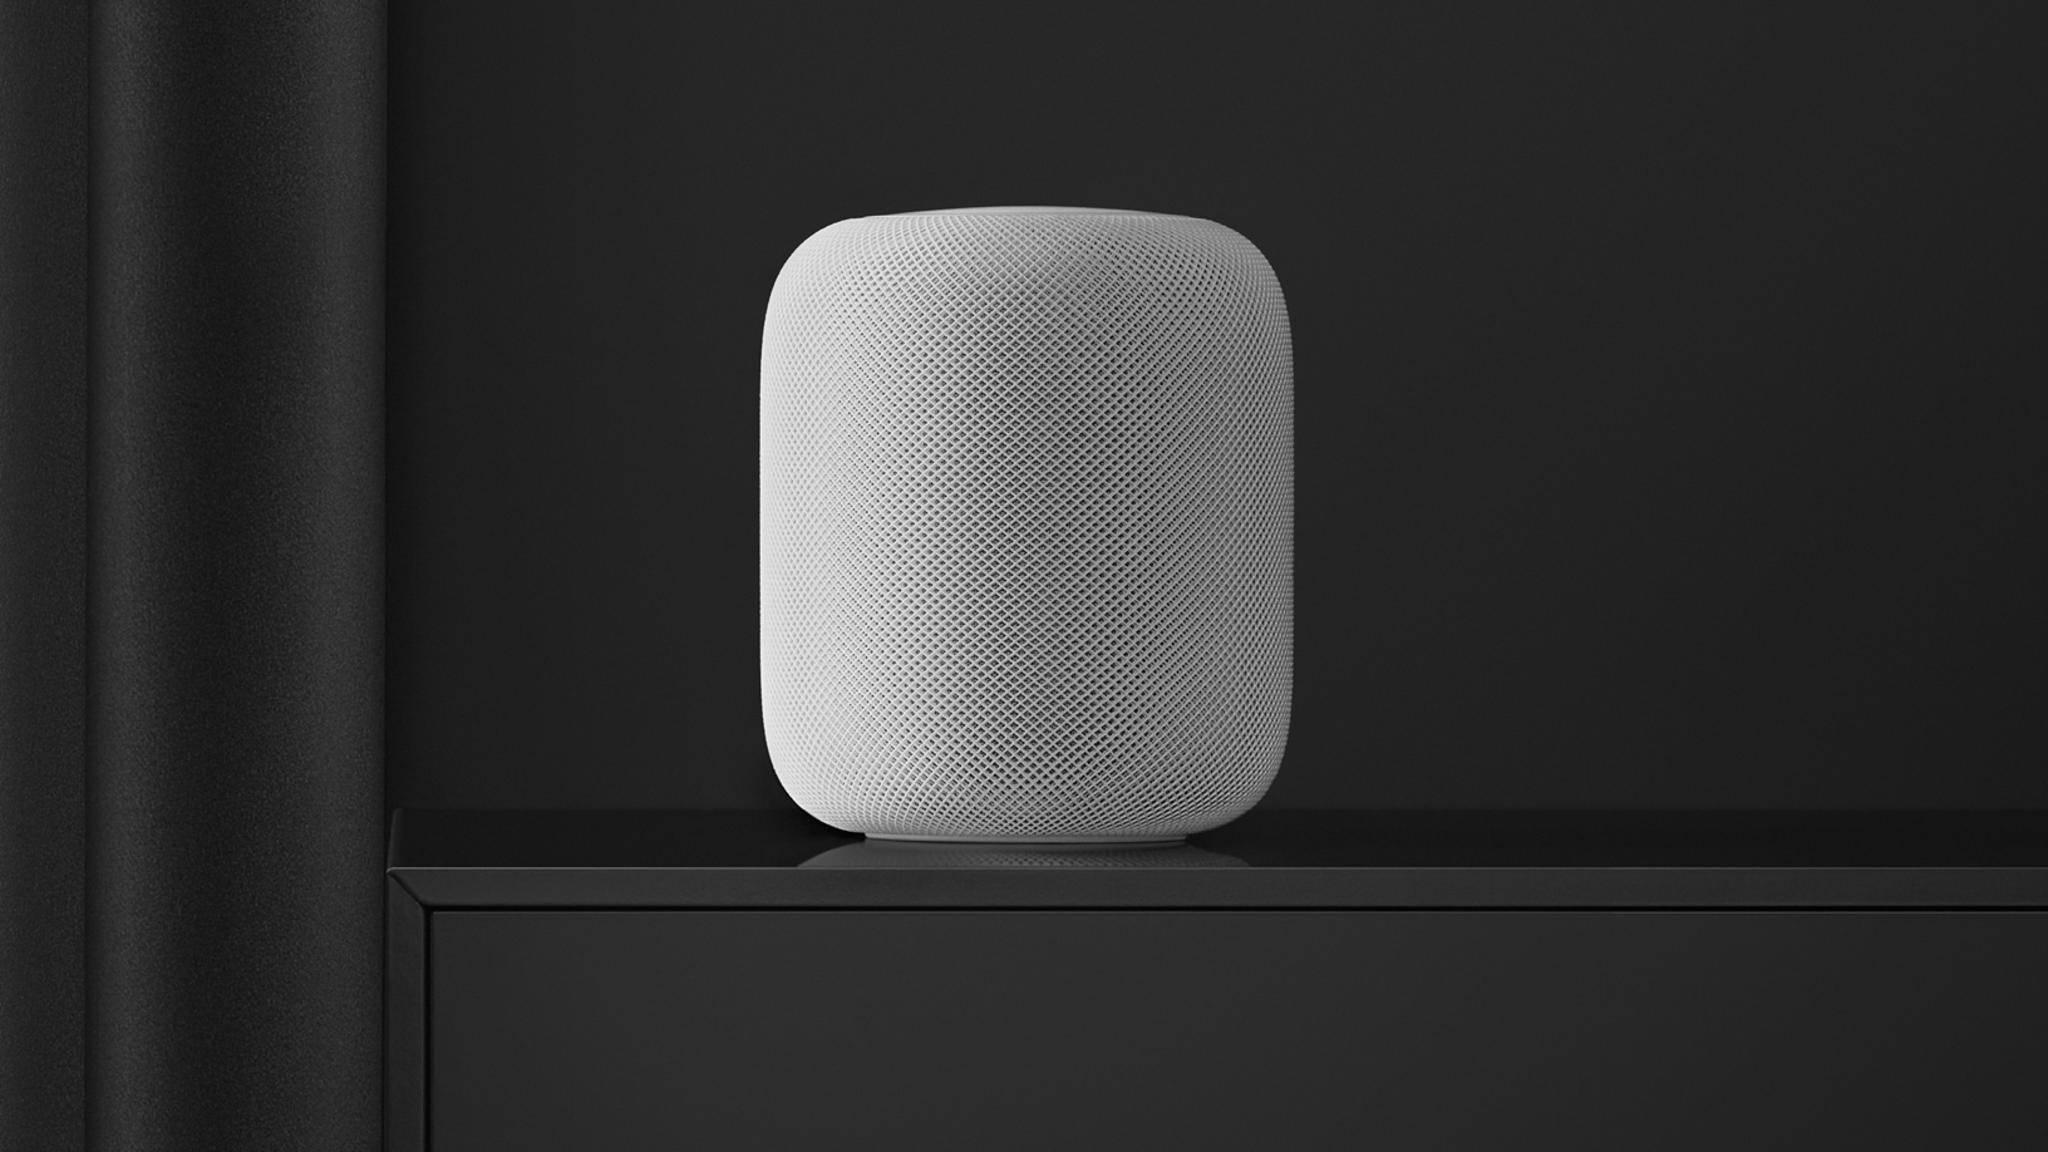 Apple spendiert dem HomePod neue Funktionen.